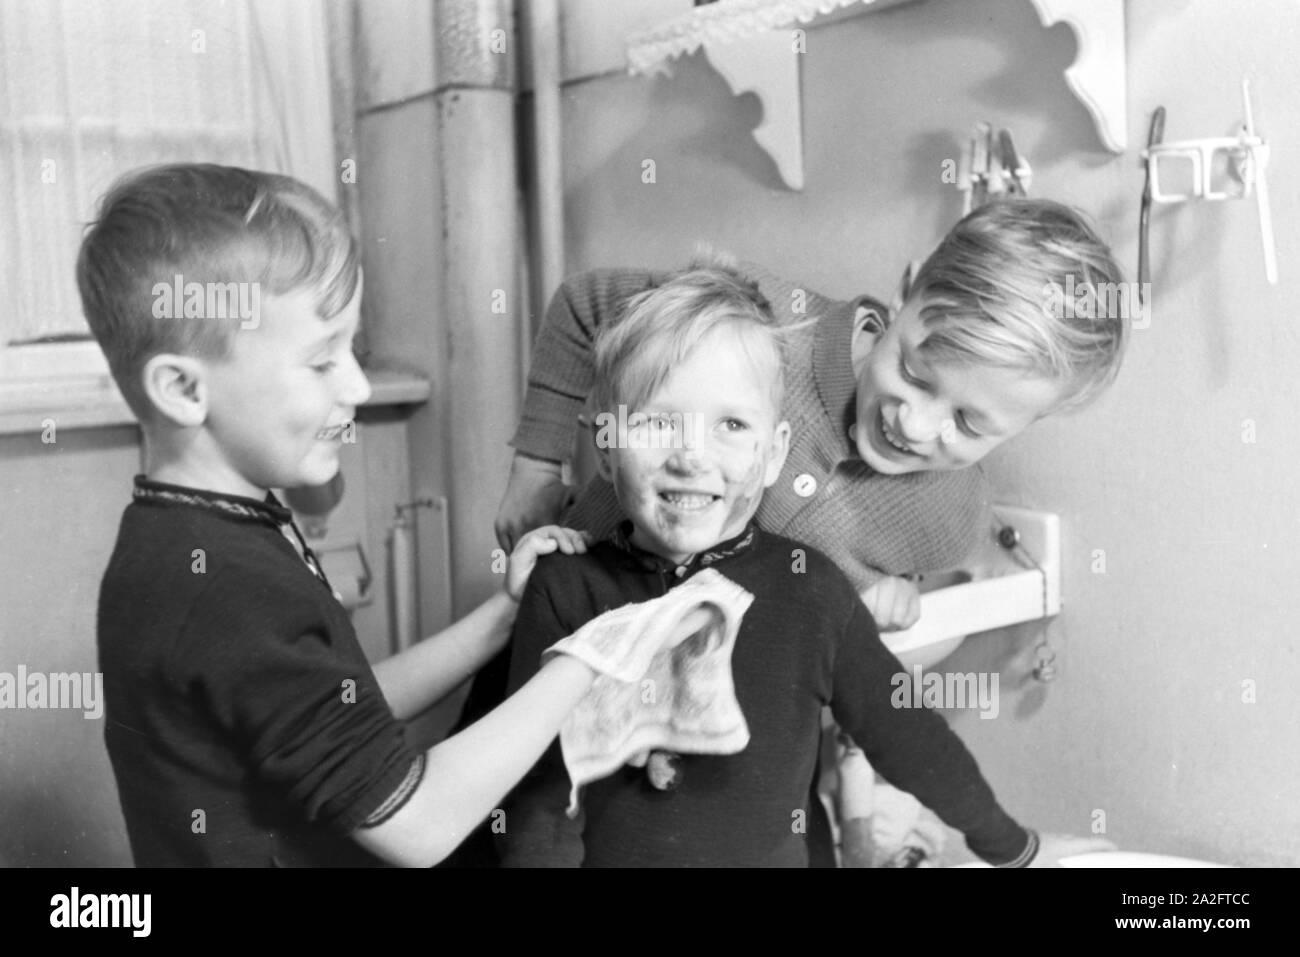 Die Söhne einer kinderreichen Familie waschen sich im Badezimmer, Deutsches Reich 1930er Jahre. Sons of a extended family having a wash in the bathroom, Germany 1930s. Stock Photo